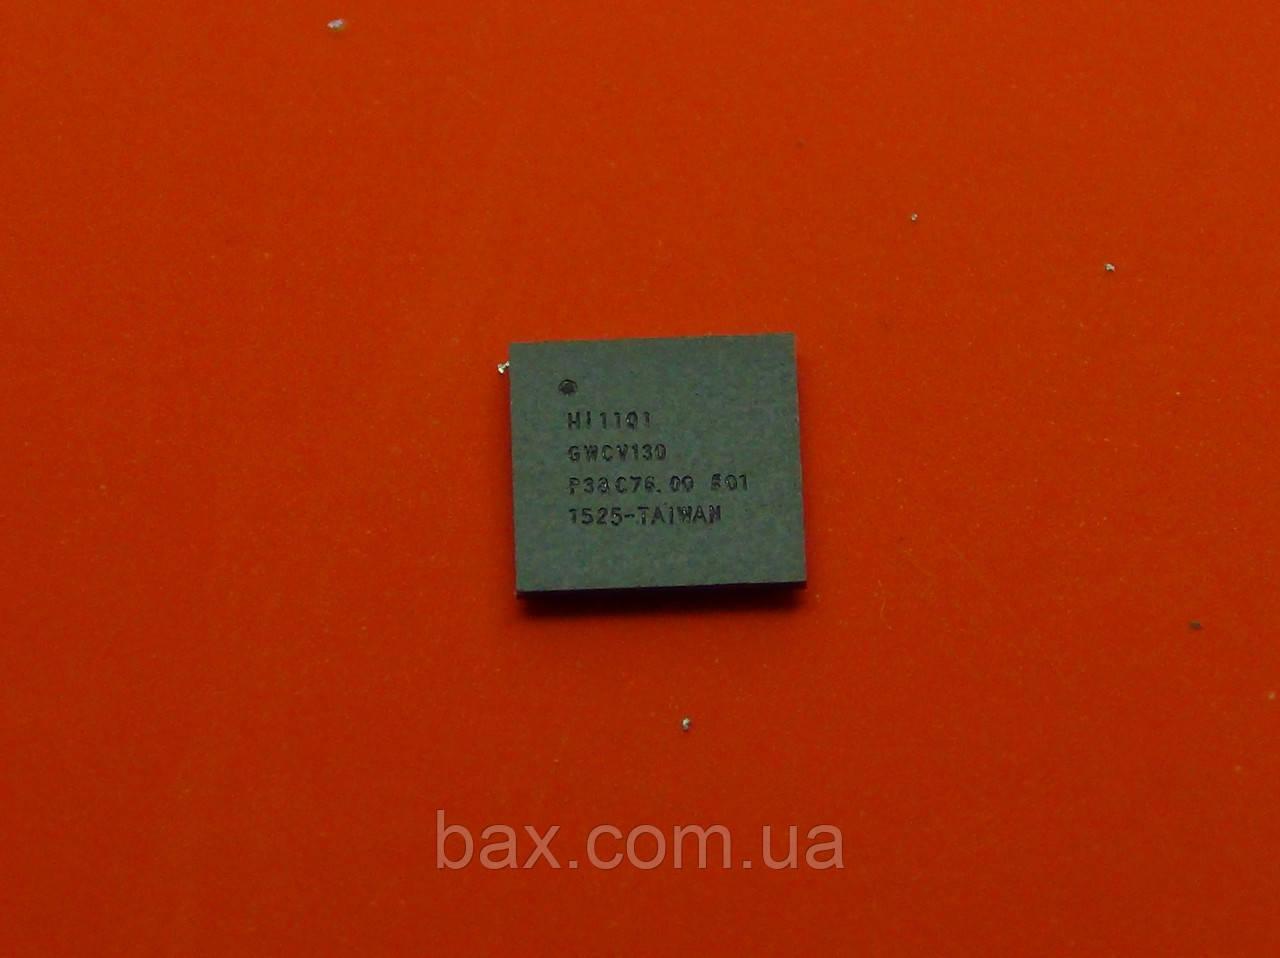 Мікросхема WiFi Huawei P8 Hi1101 Нова в упаковці